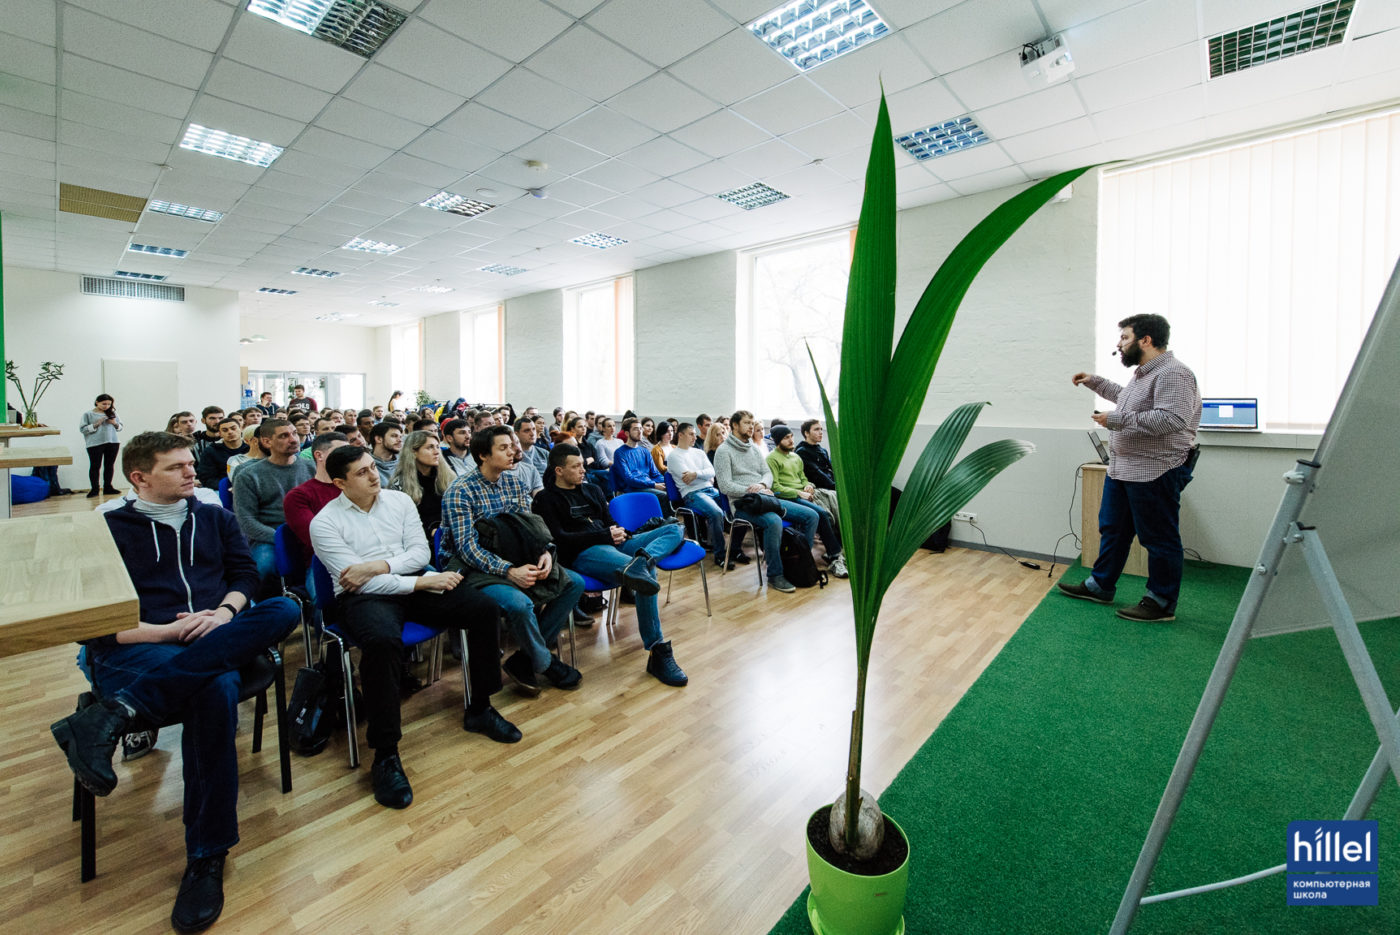 Мероприятия: Открытая встреча «Хочу в IT. С чего начать» в Киеве